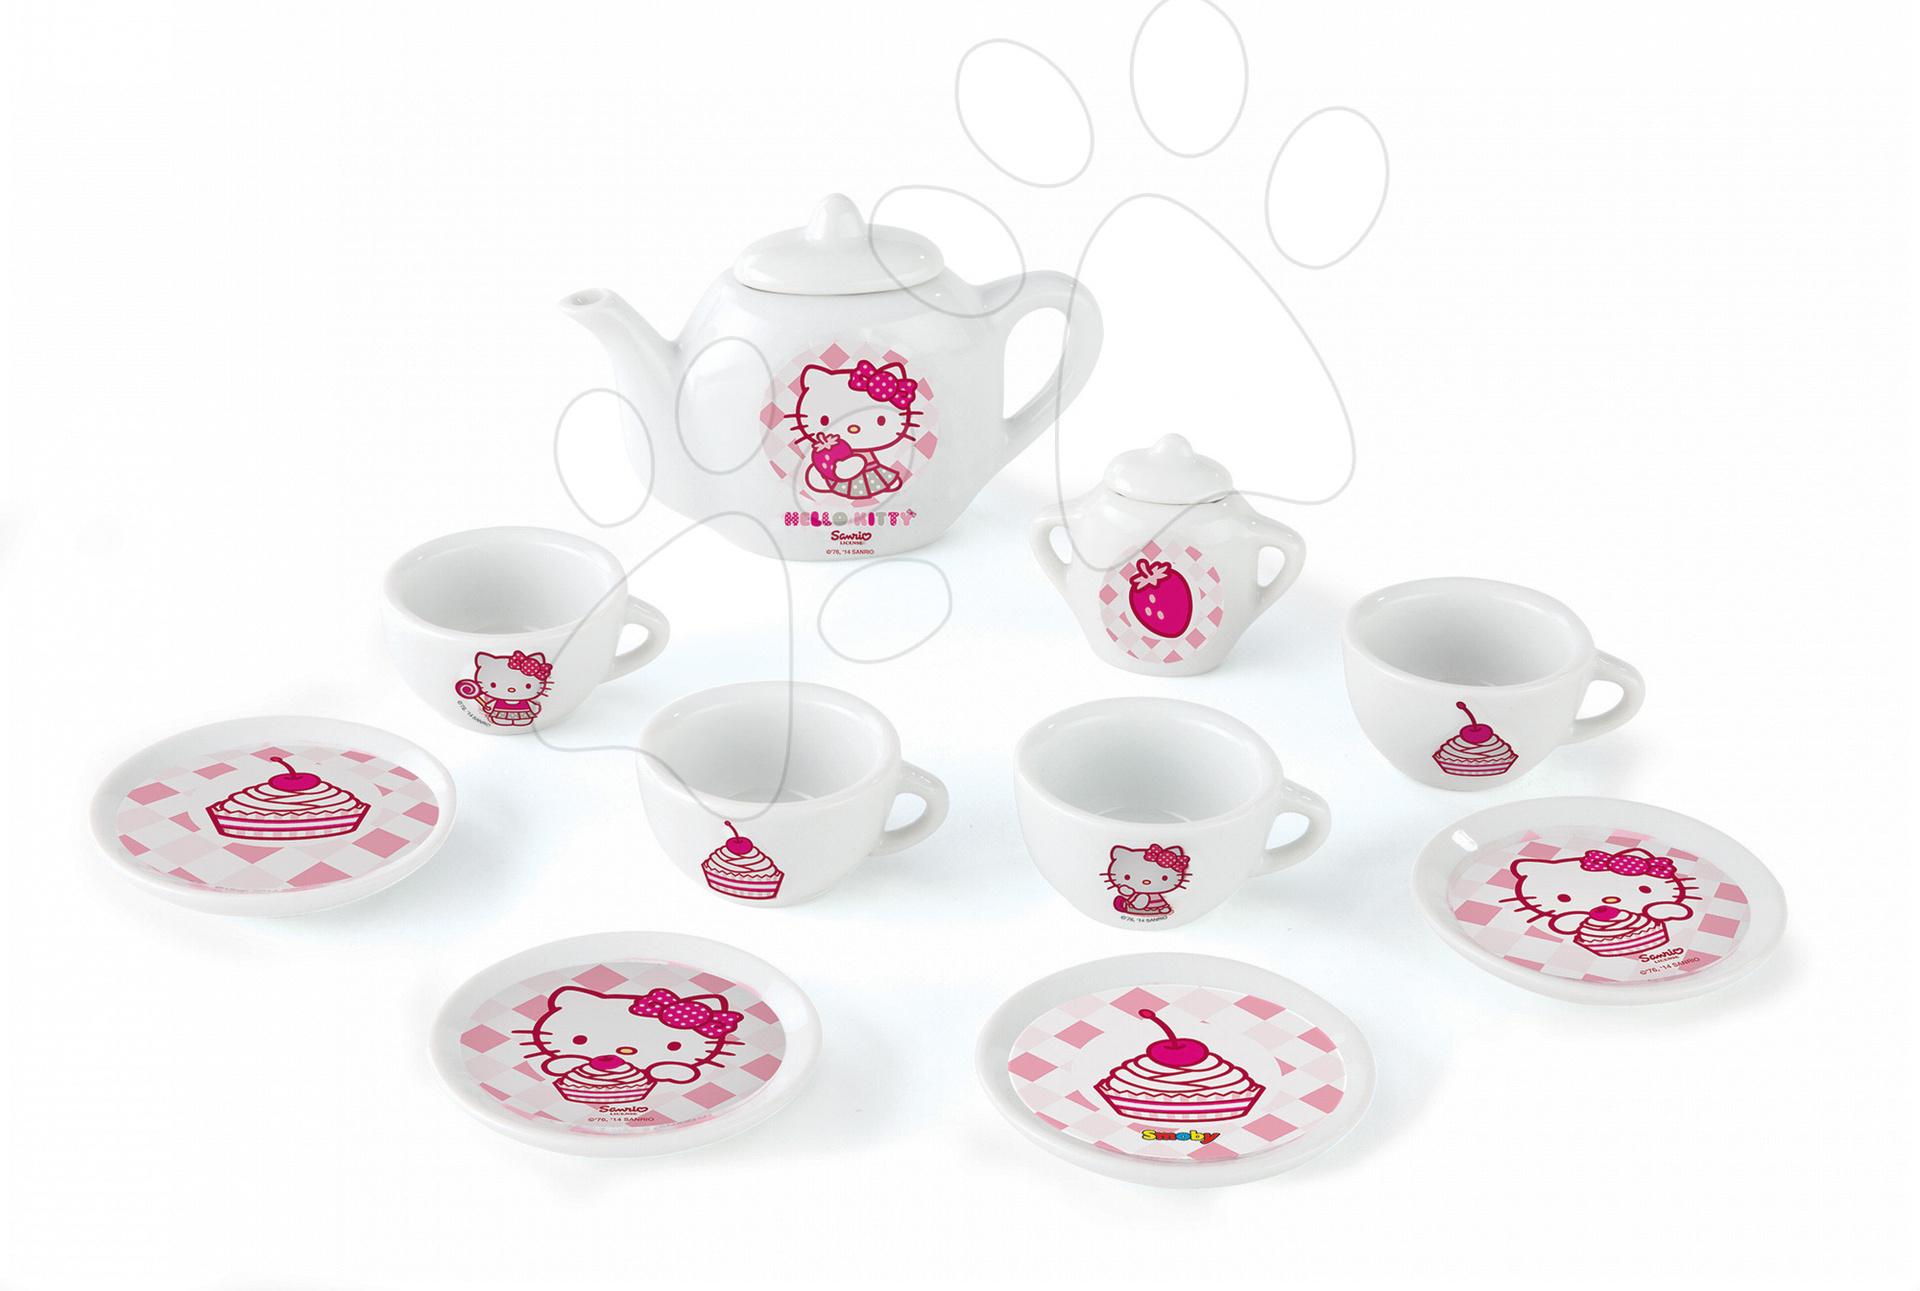 Riadíky a doplnky kuchynky - Čajová súprava Hello Kitty Smoby porcelánová s 12 doplnkami